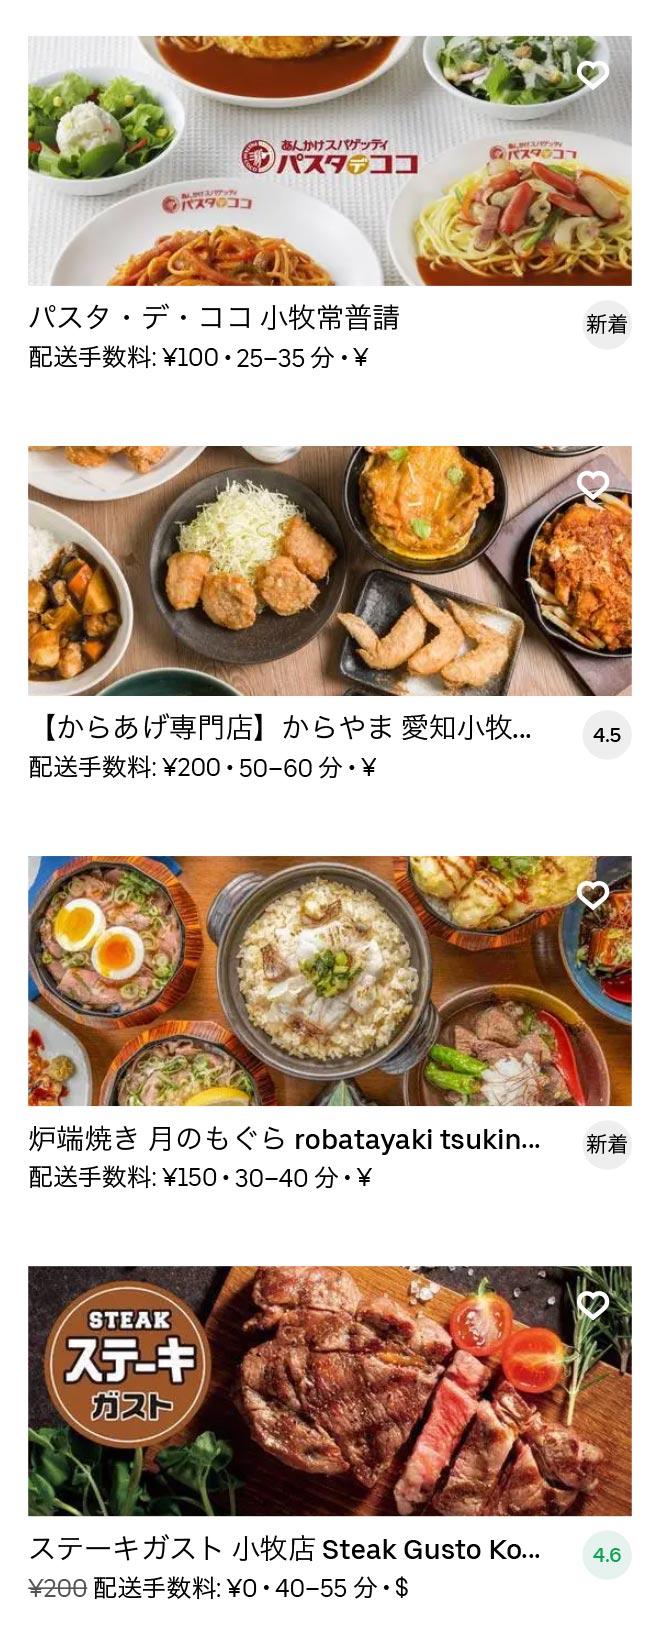 Komaki menu 2010 06